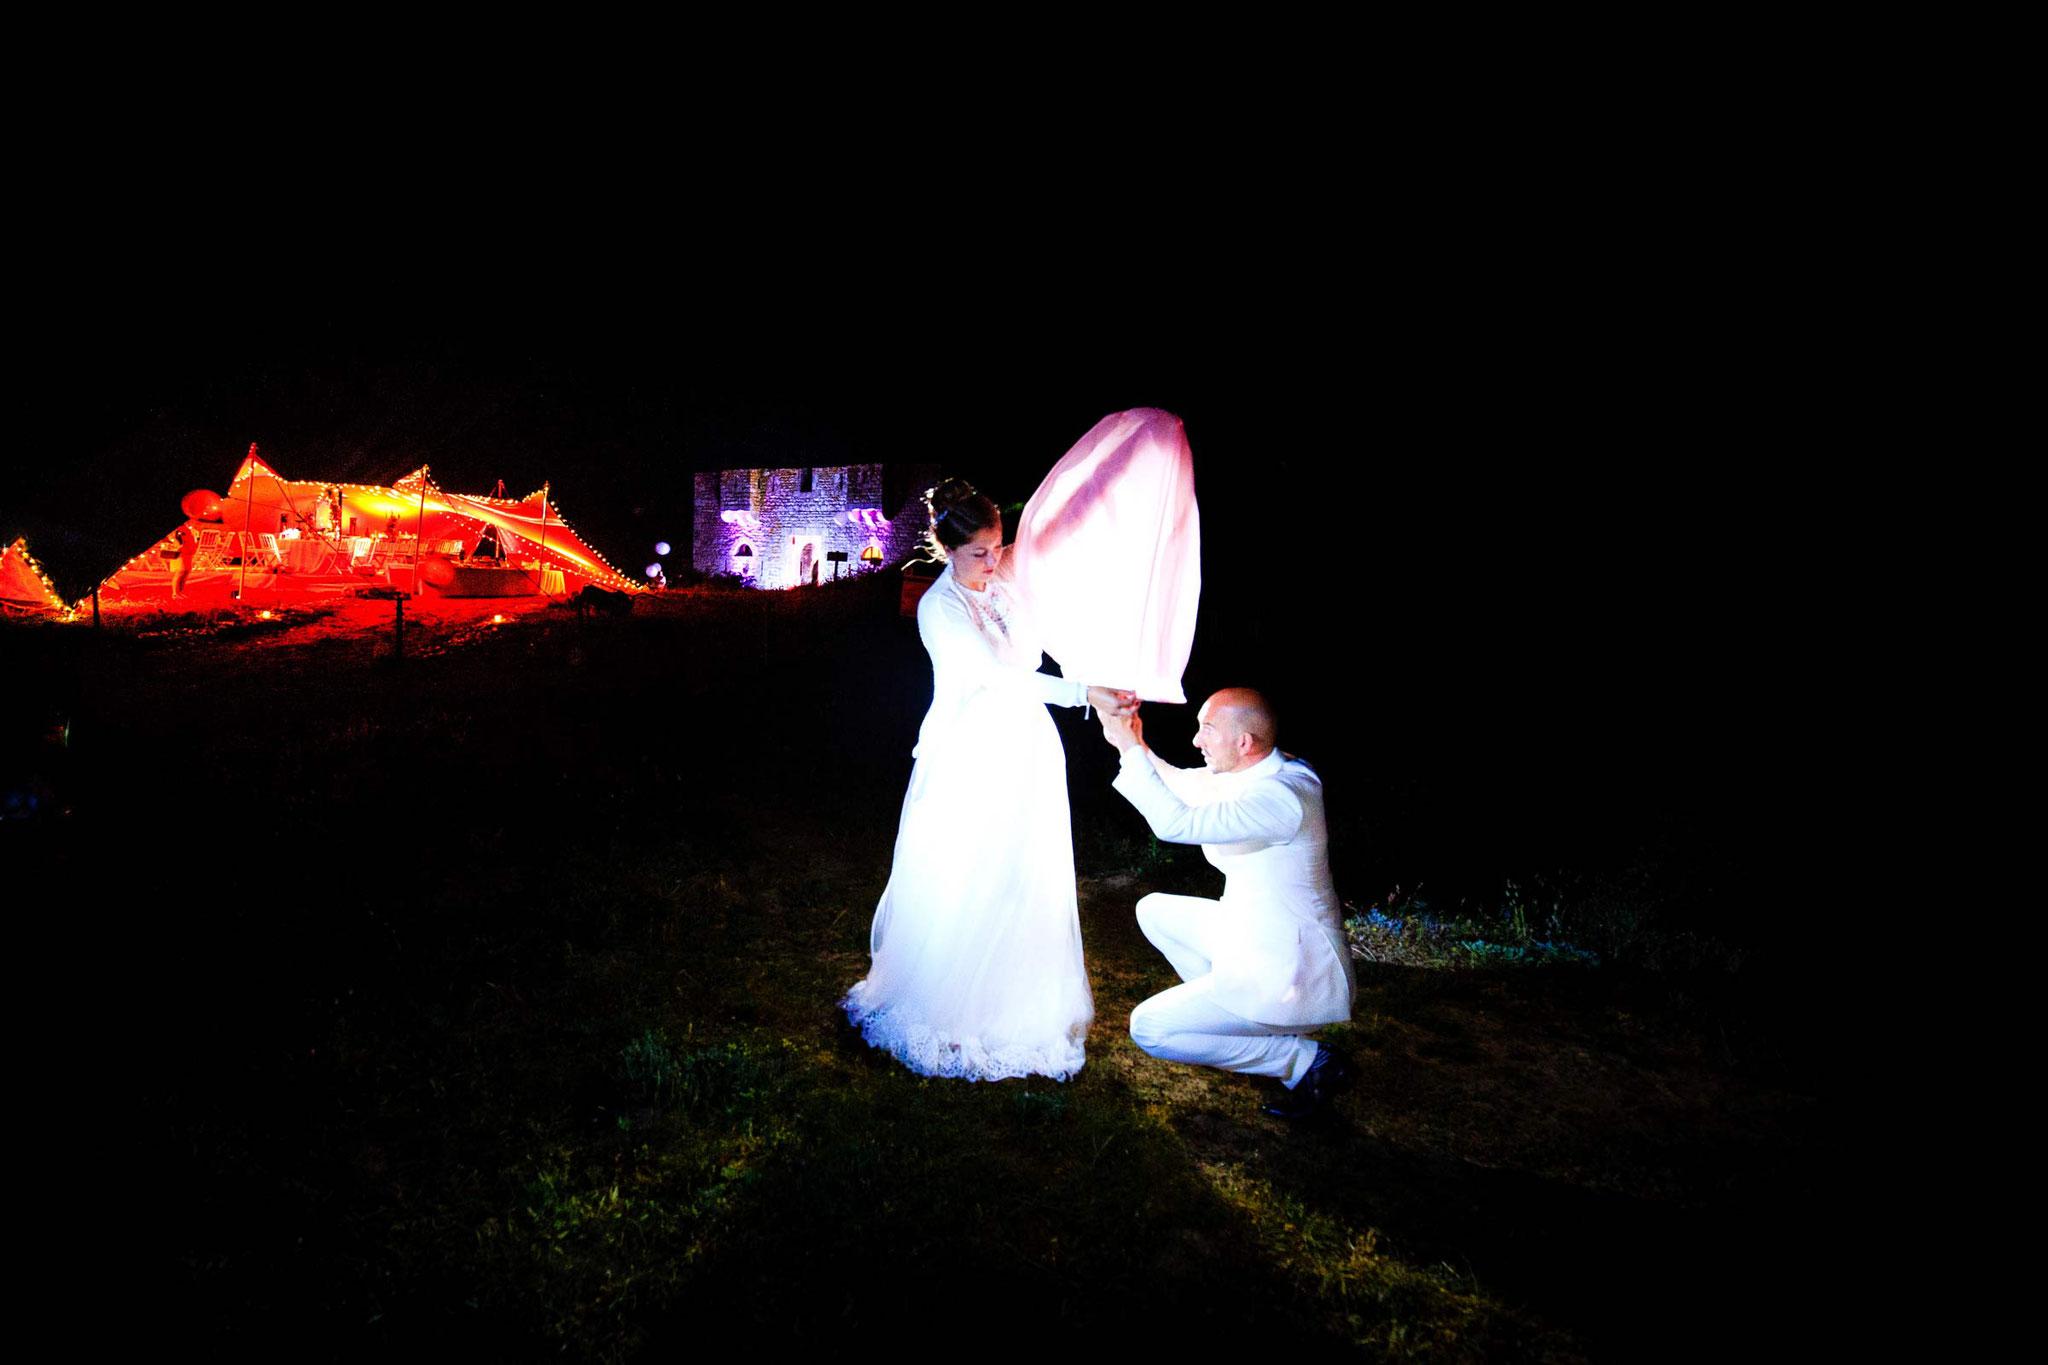 Des photographies de mariages qui sortent de l'ordinaire, Photographe de mariages à l'île de Houat Fort d'ental